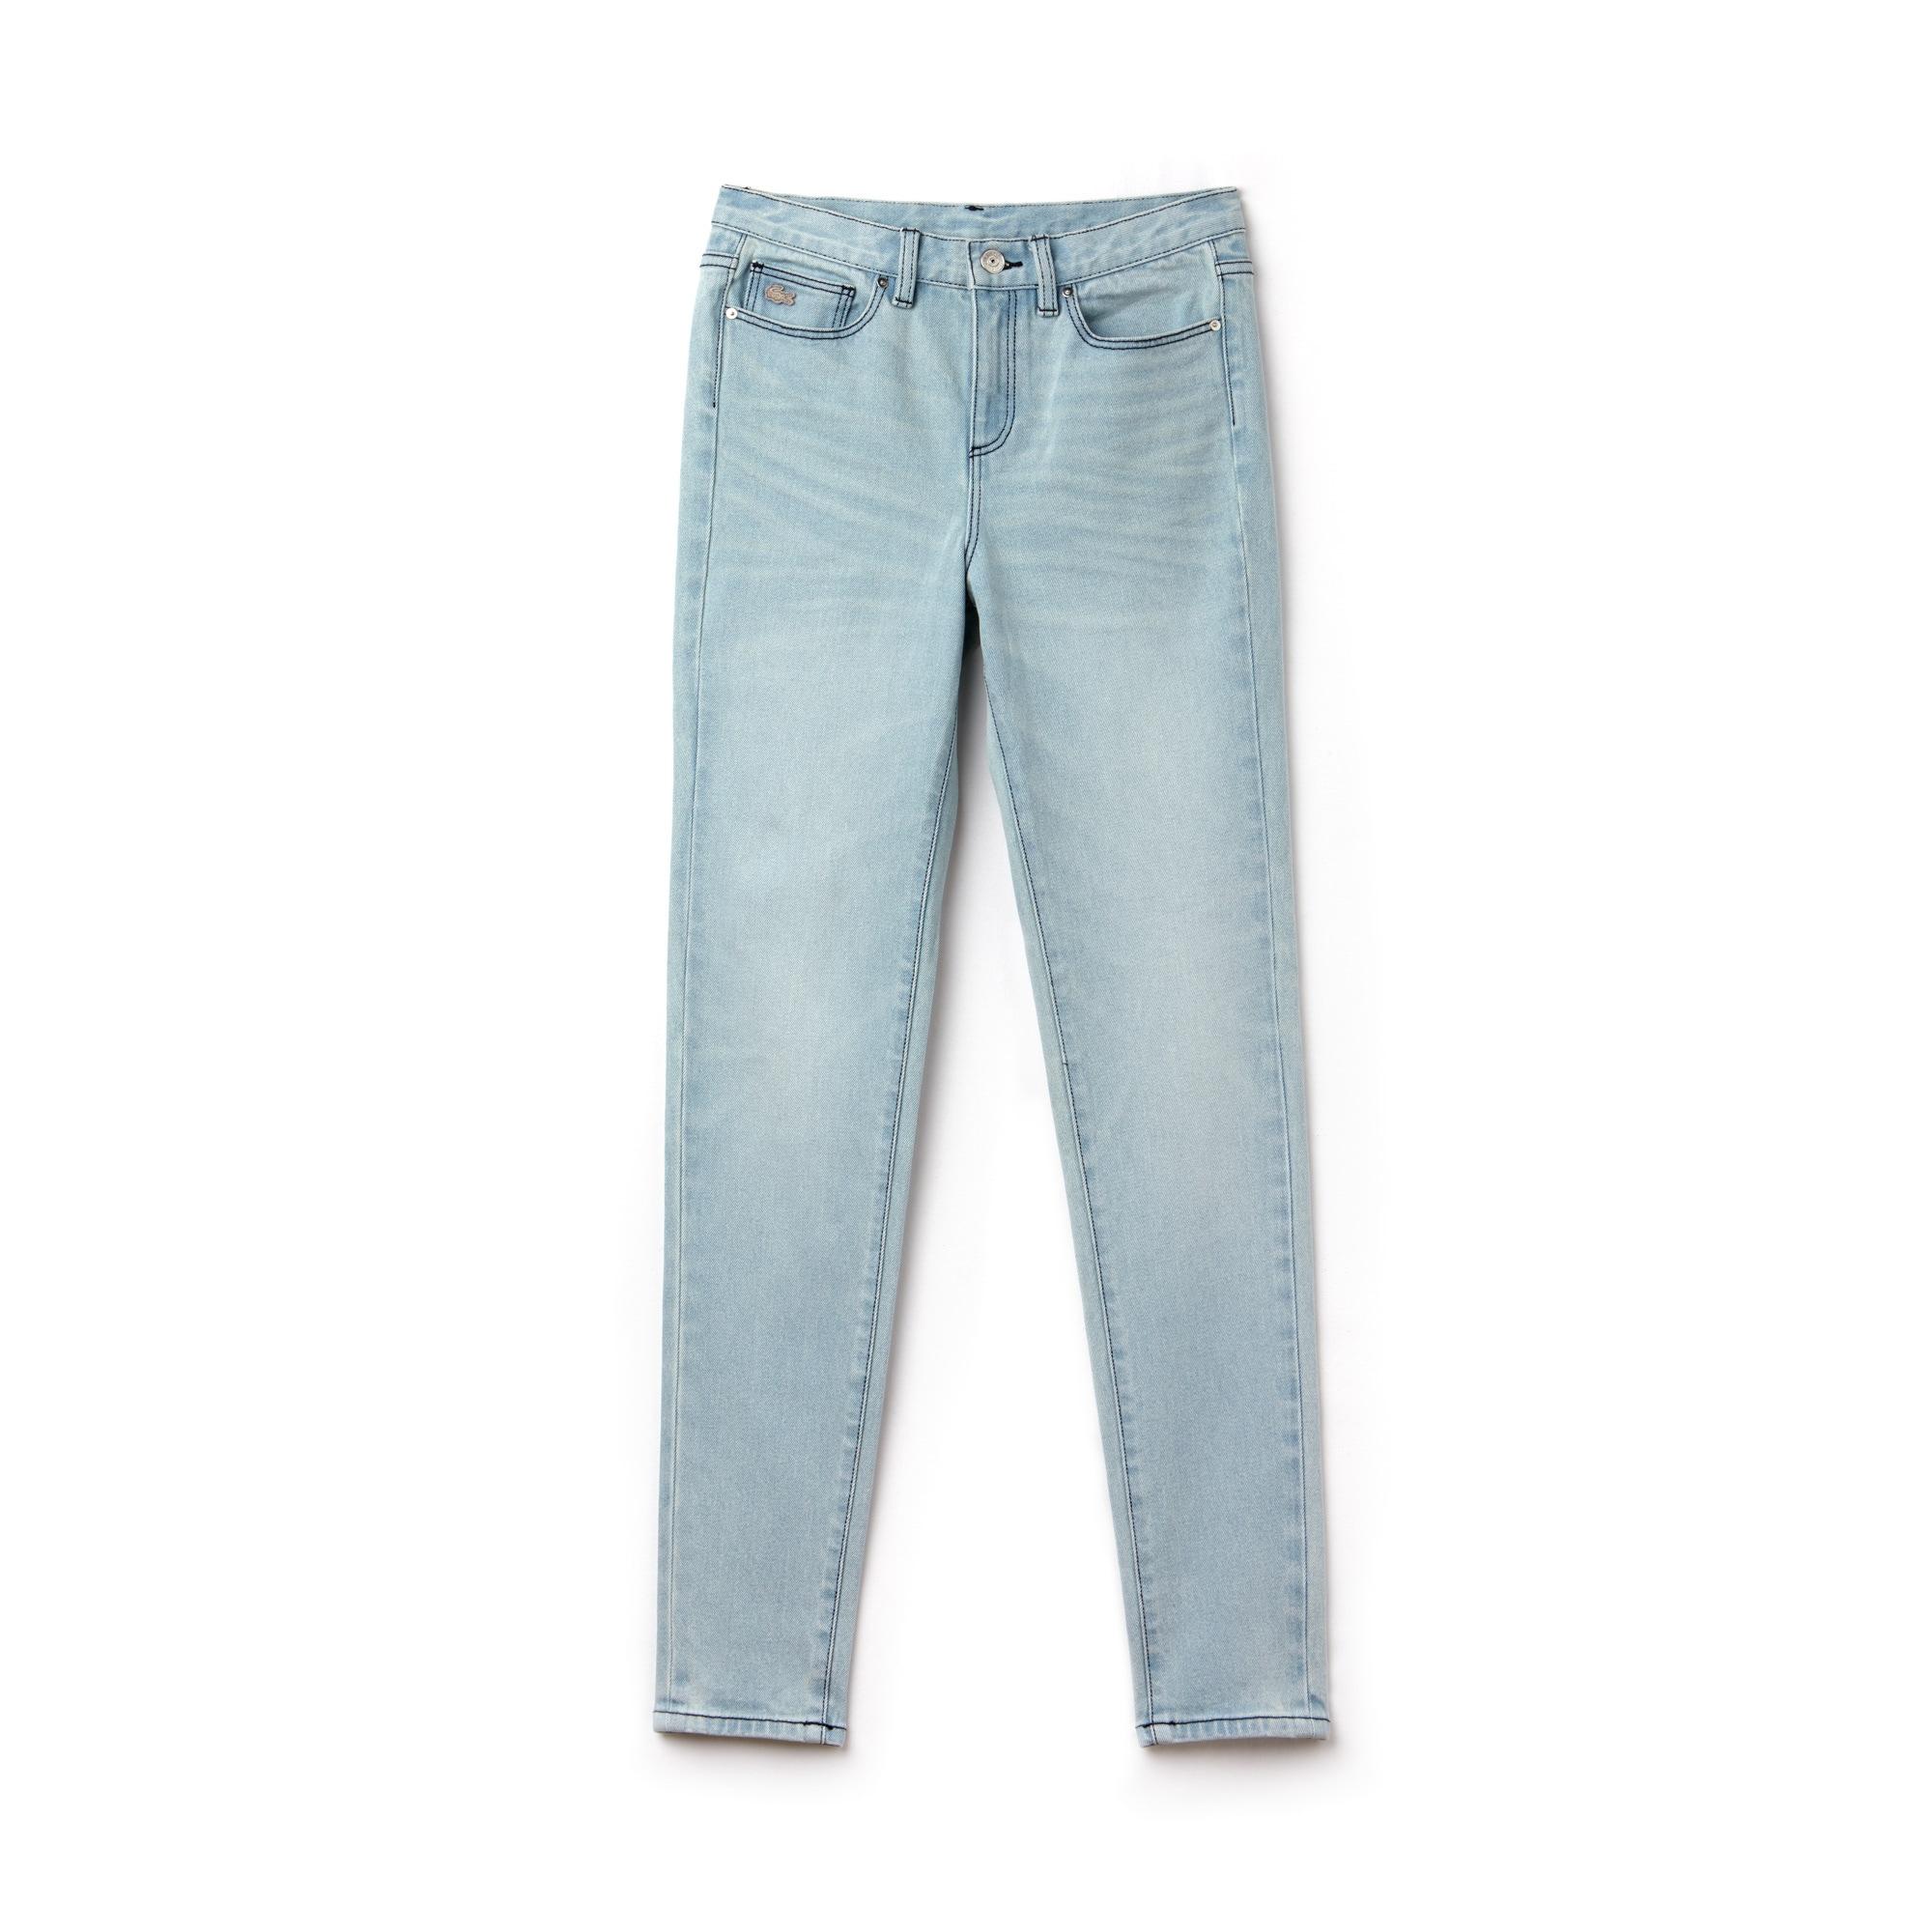 Jean 5 poches Lacoste LIVE en denim de coton stretch